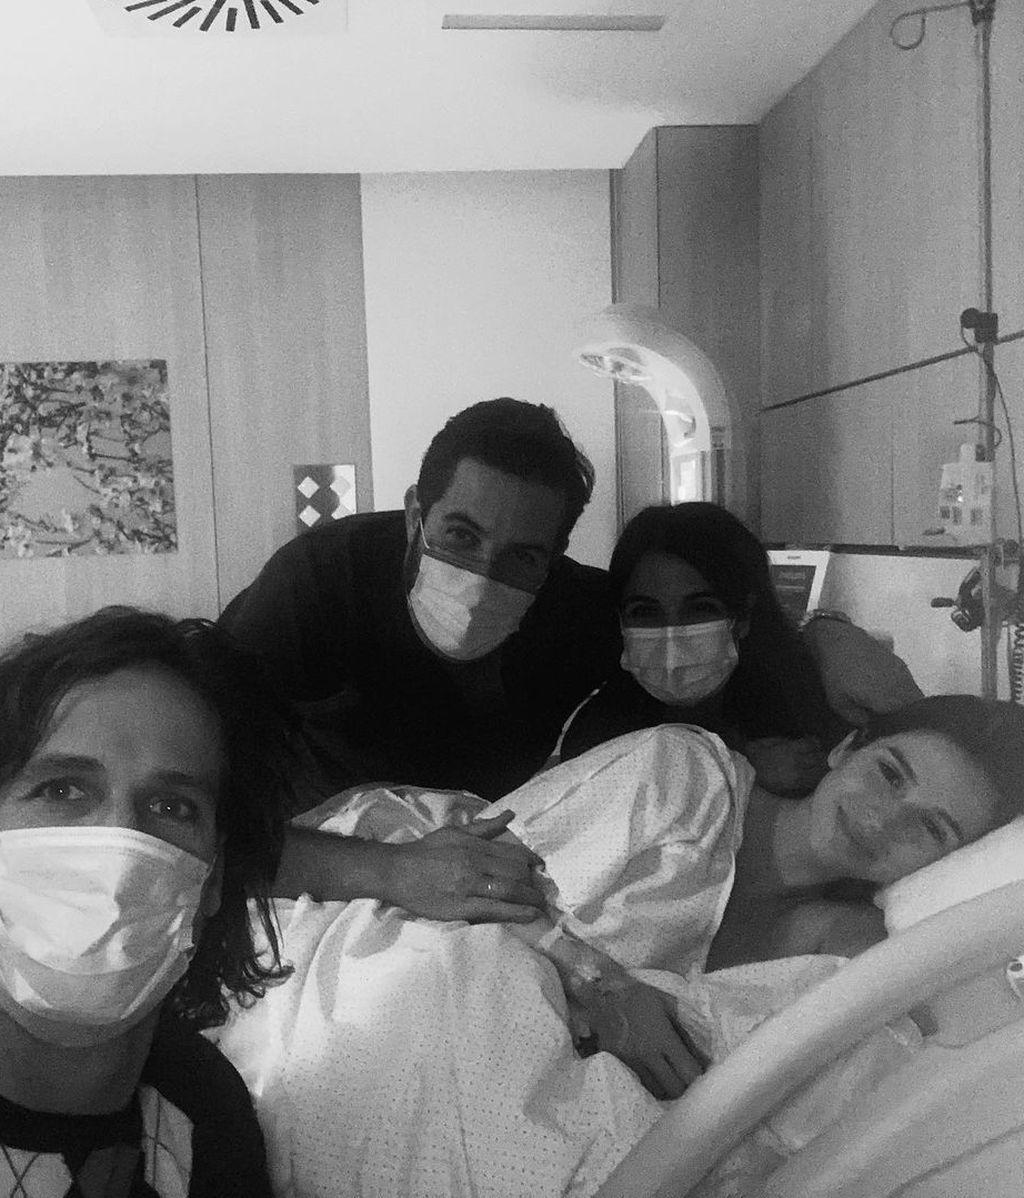 La foto de Feliciano y Sandra en el hospital